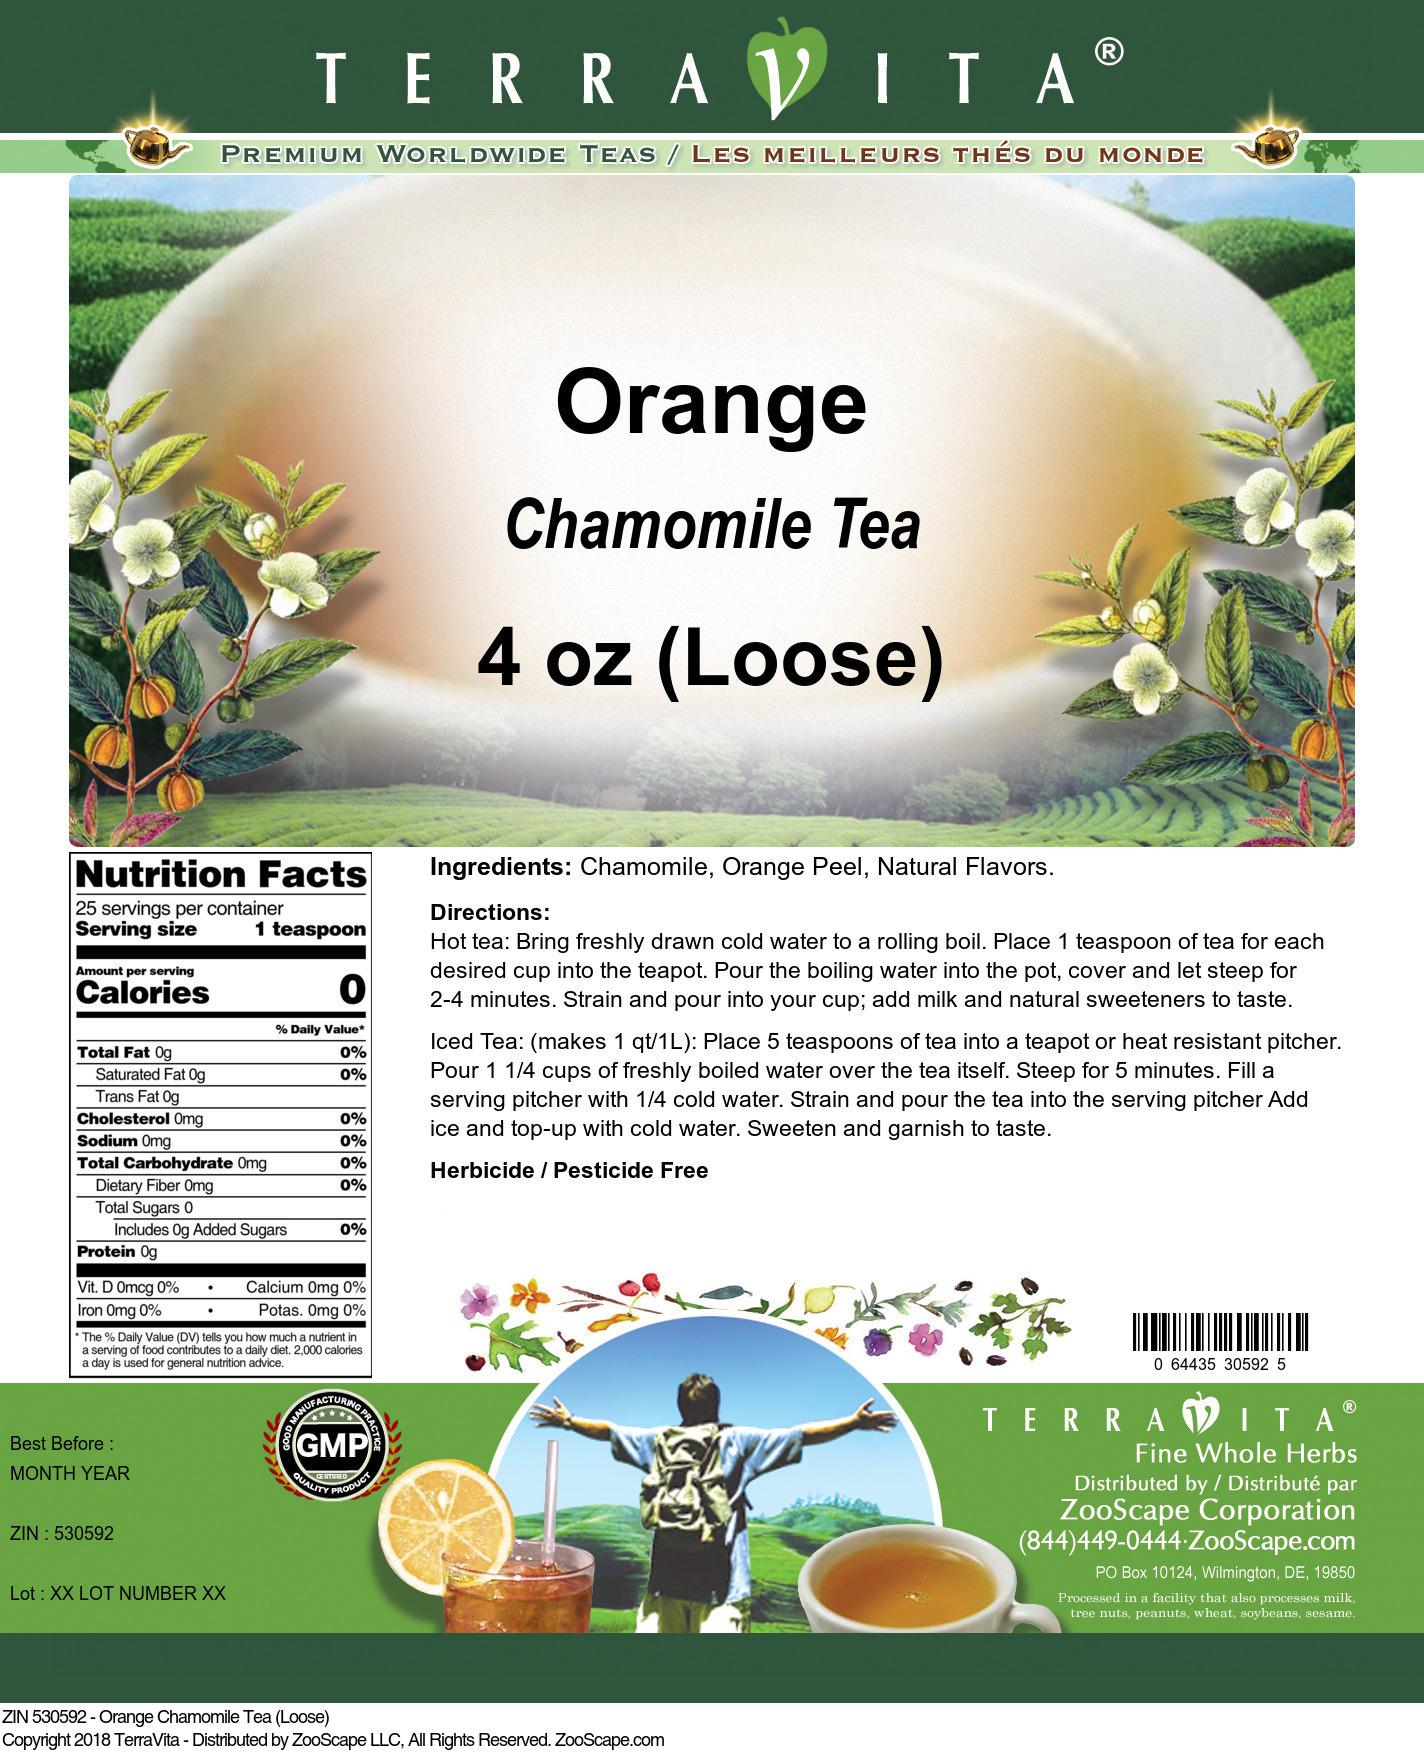 Orange Chamomile Tea